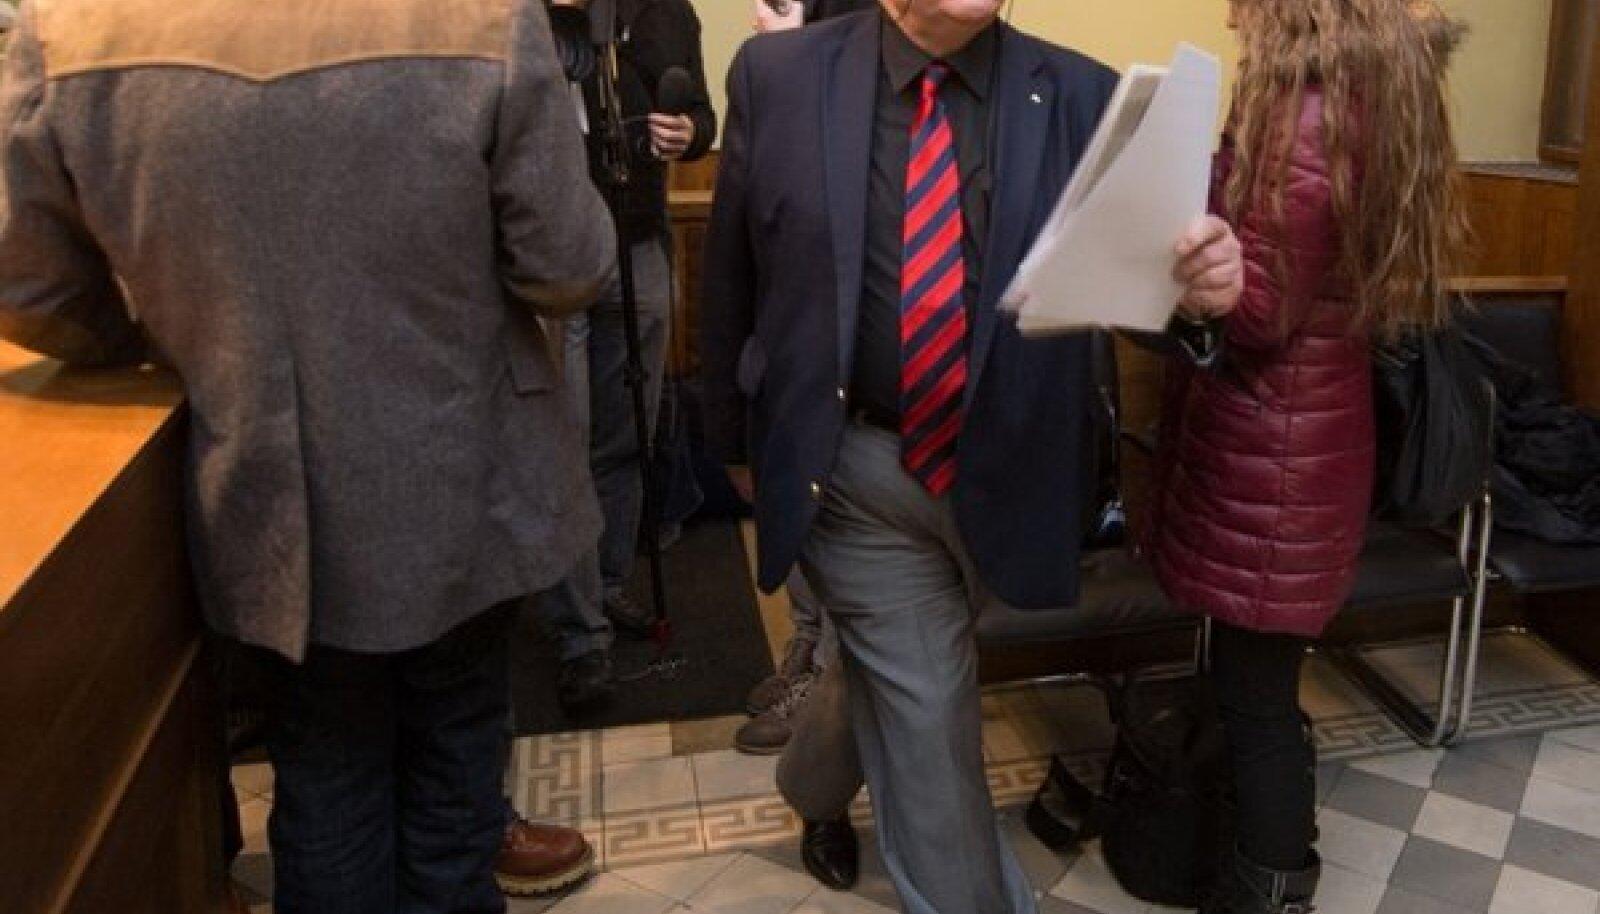 Minister Lang lahkus kohtumiselt loomeliitudega kiirustades, intervjuusid jäi andma kohtumisel umbusaldust avaldanud loomeliite esindanud kirjanike liidu juht Karl-Martin Sinijärv.